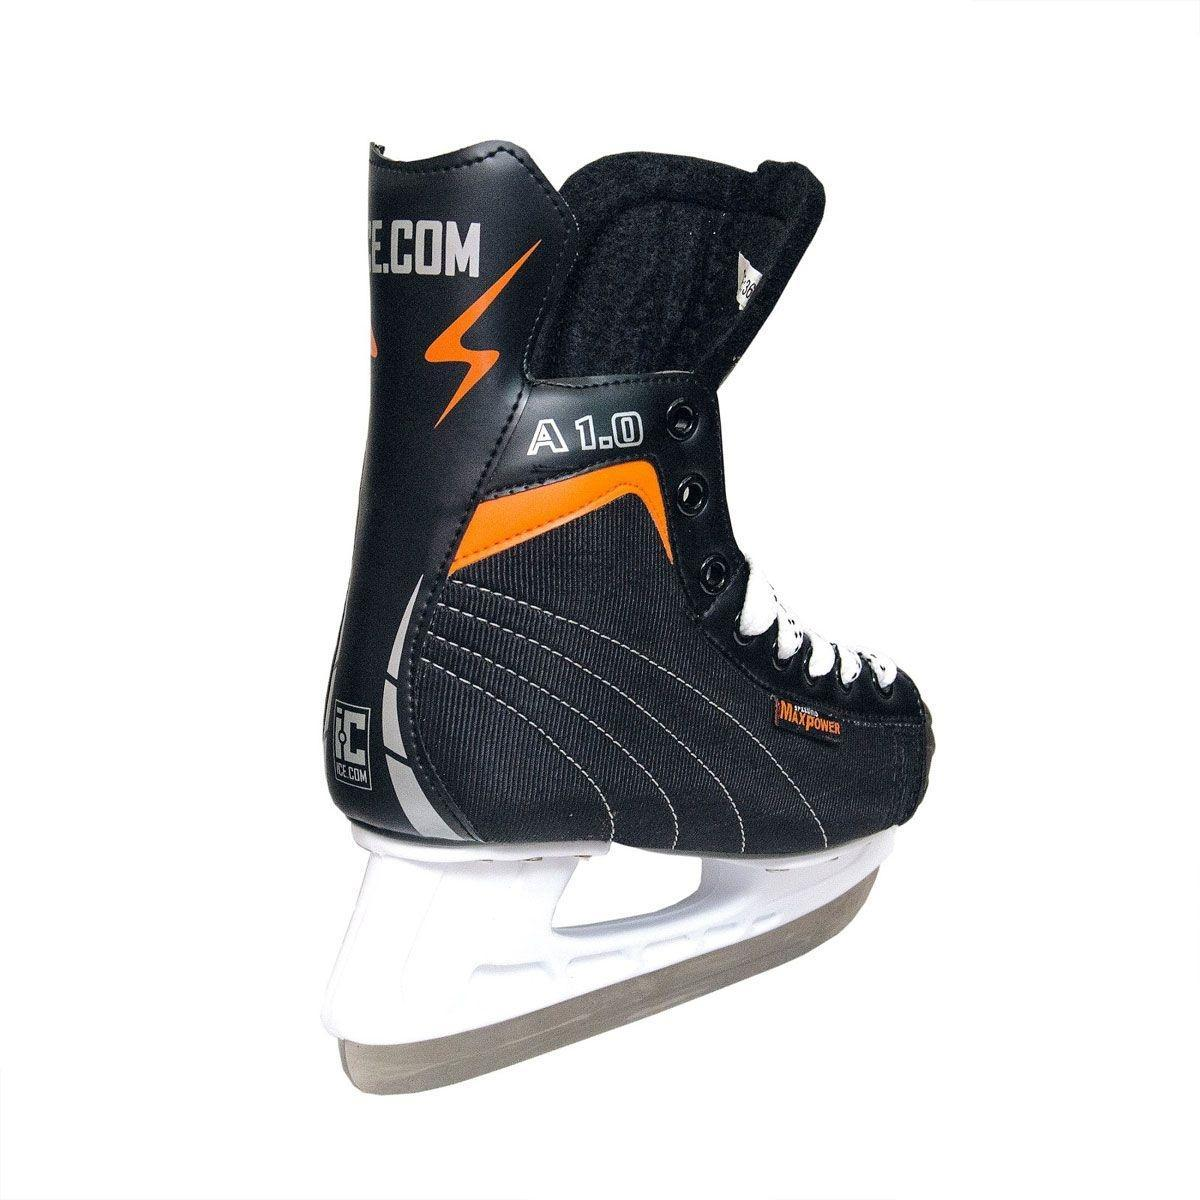 Коньки хоккейные Ice.Com A 1.0, цвет: черный, оранжевый. Размер 44